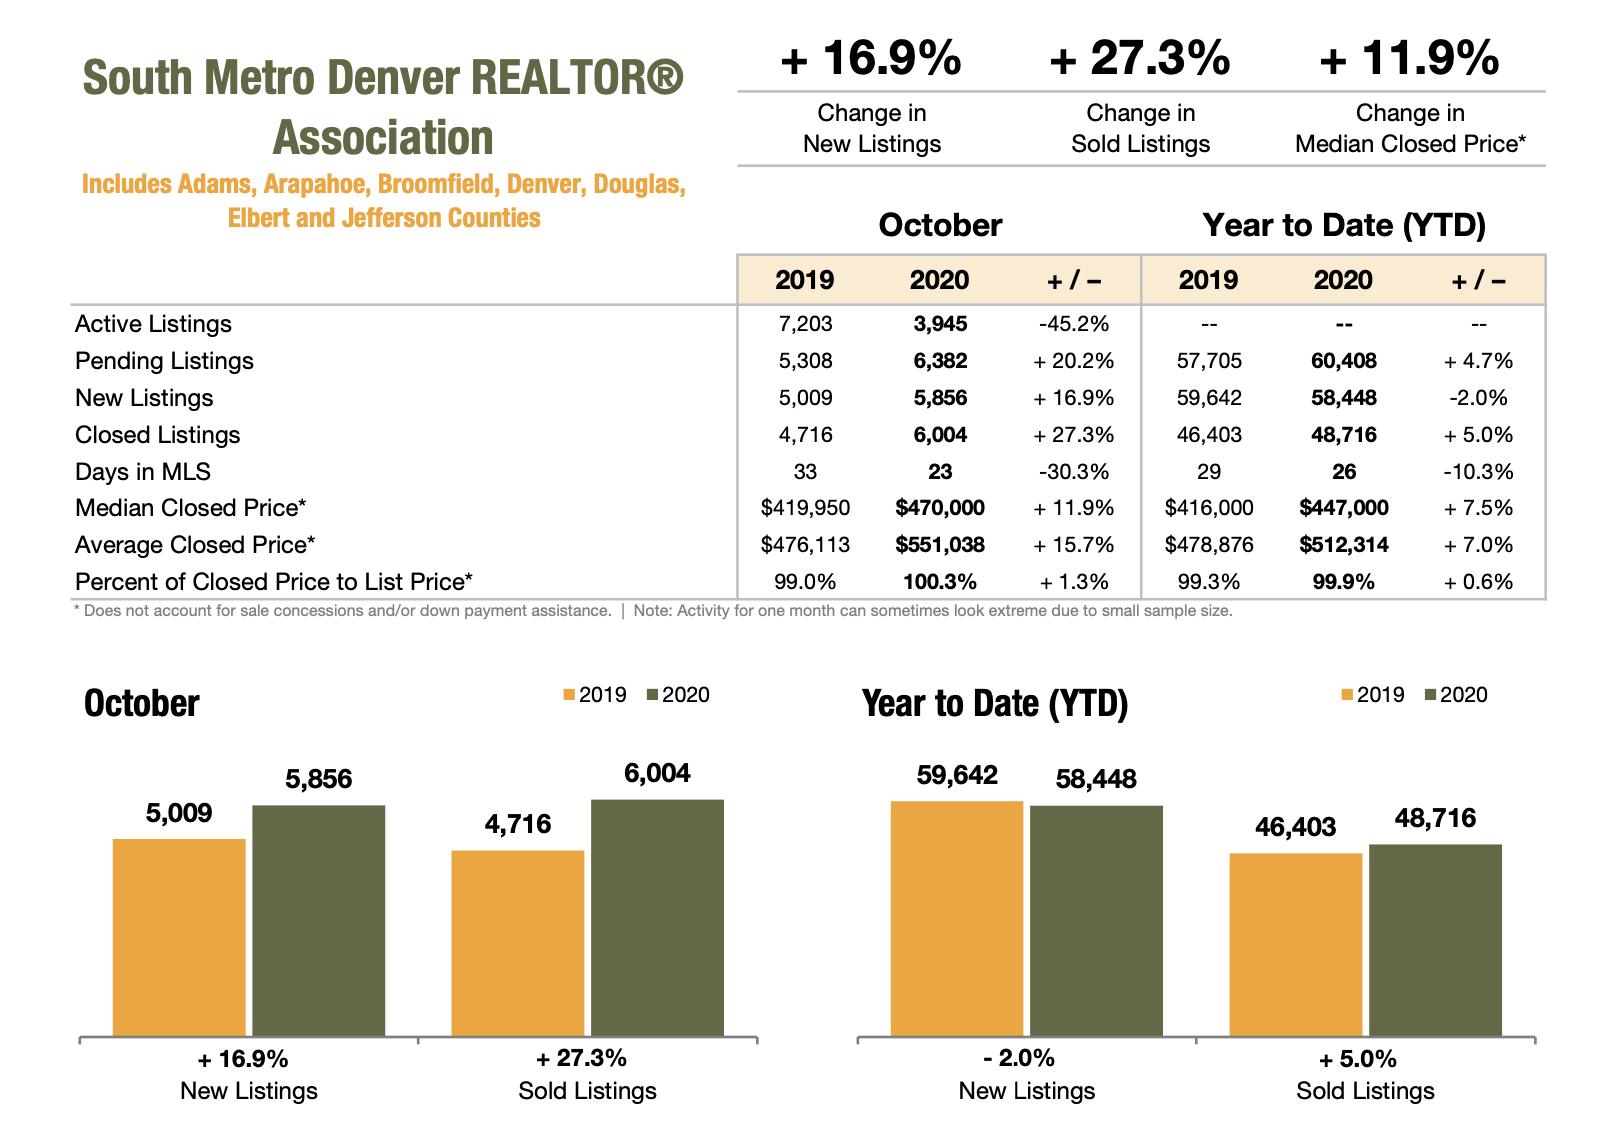 South Metro Denver Realtor Association October 2020 Market Stats